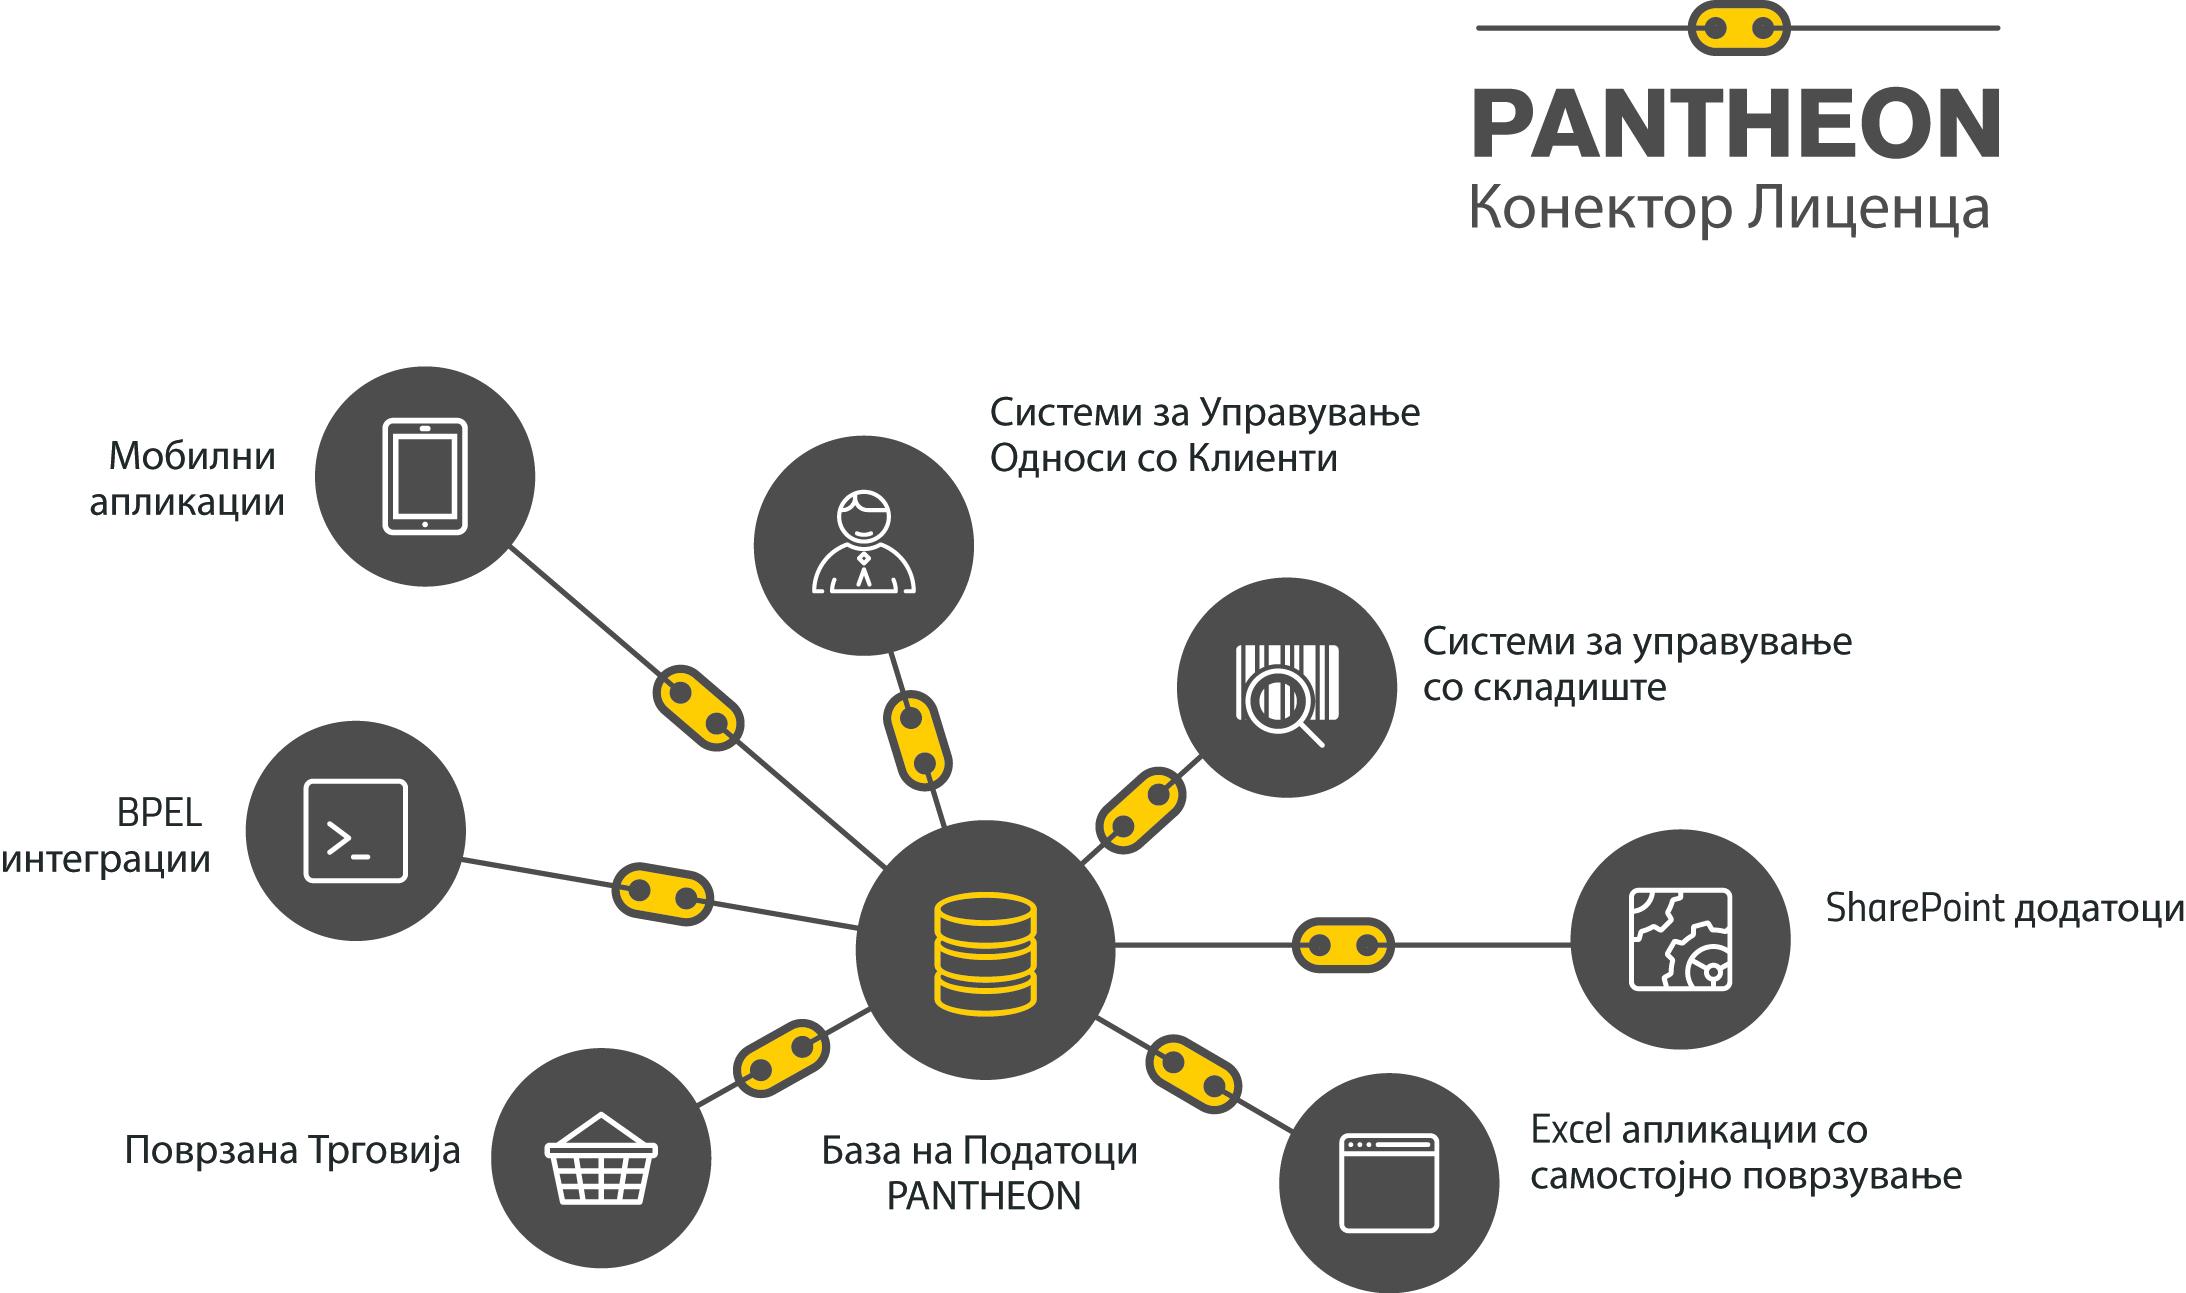 PANTHEON конектор лиценци